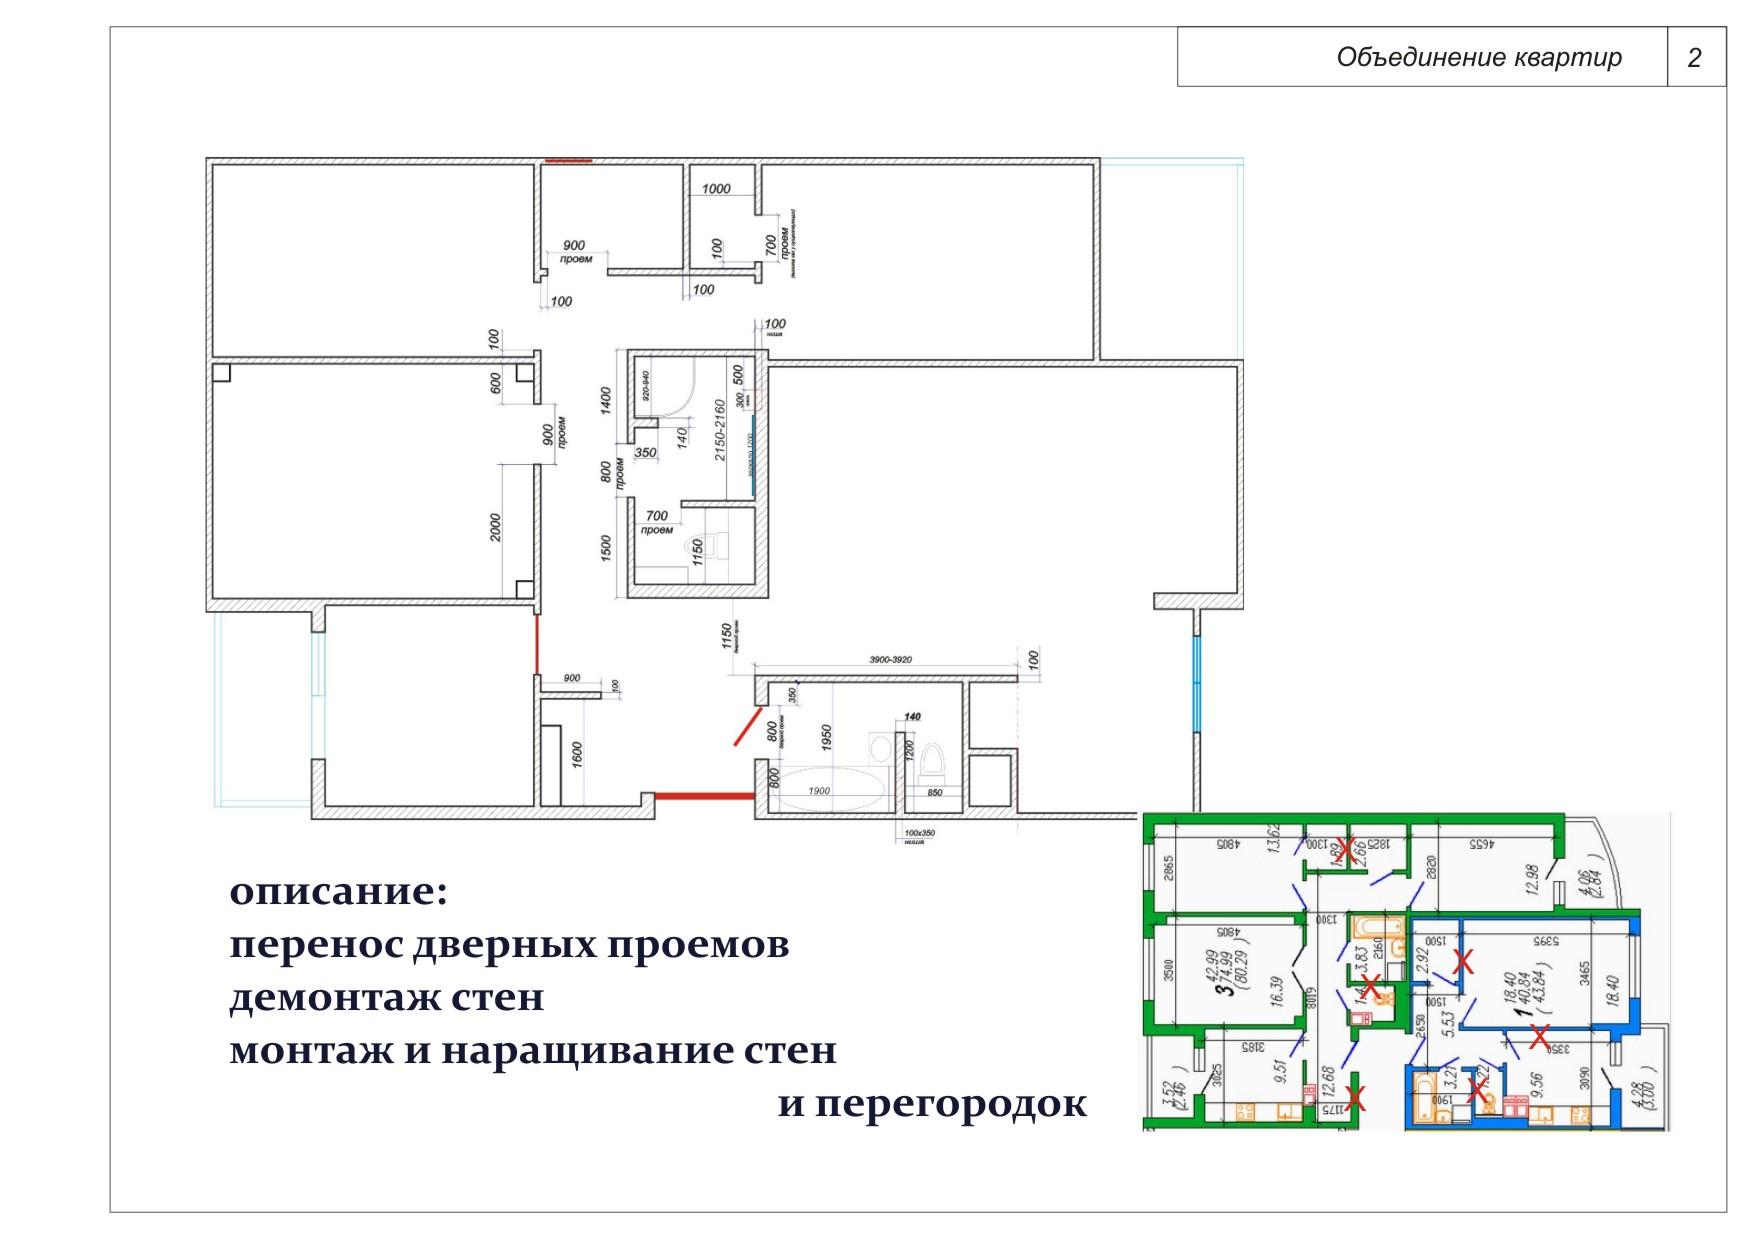 objedinenie_dvuh_kvartir_2_demontazh-montazh